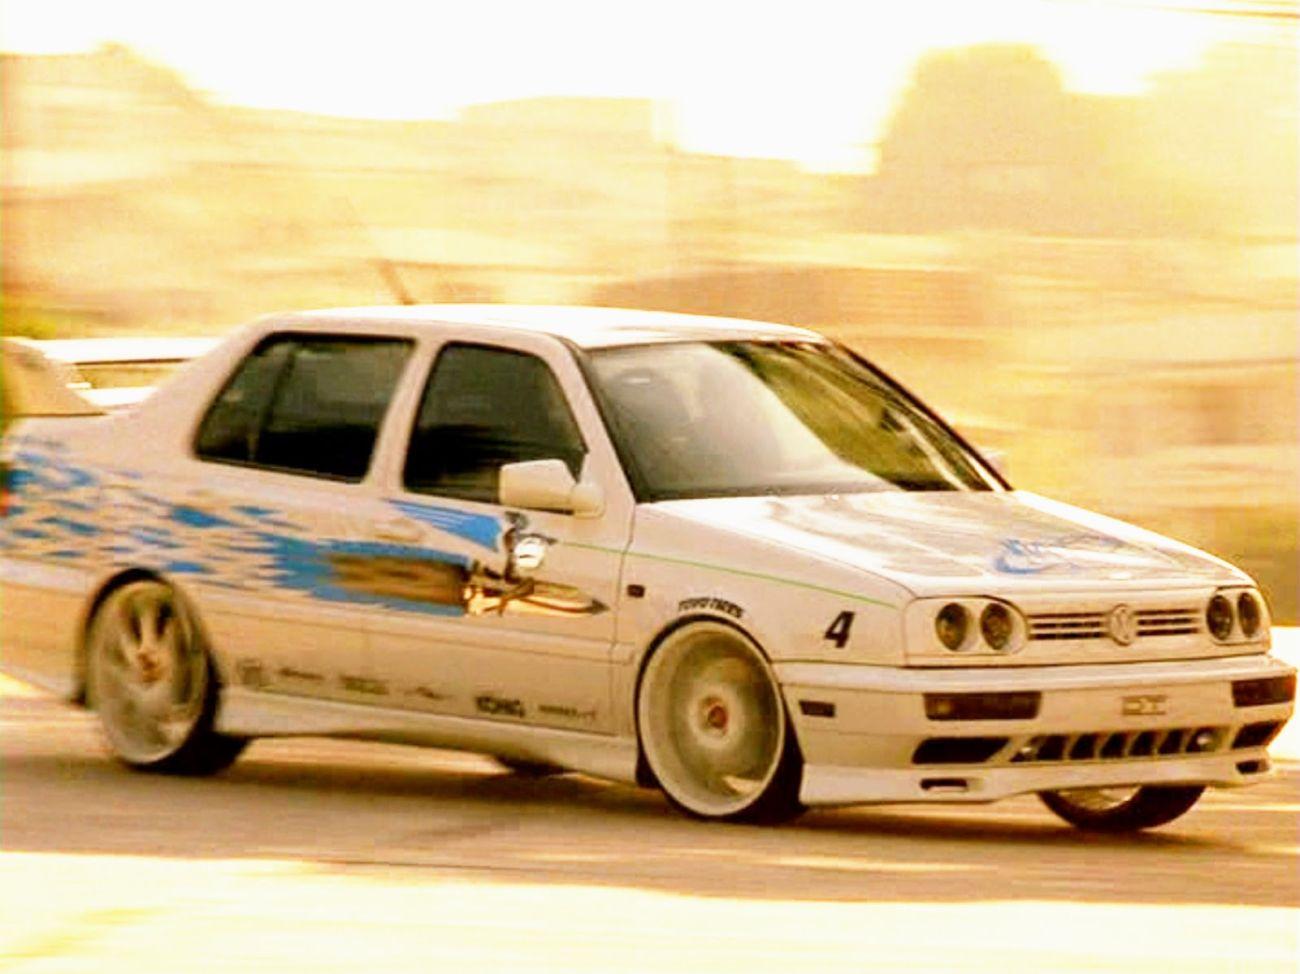 VW Jetta z filmu Rýchlo a zbesilo je na predaj!